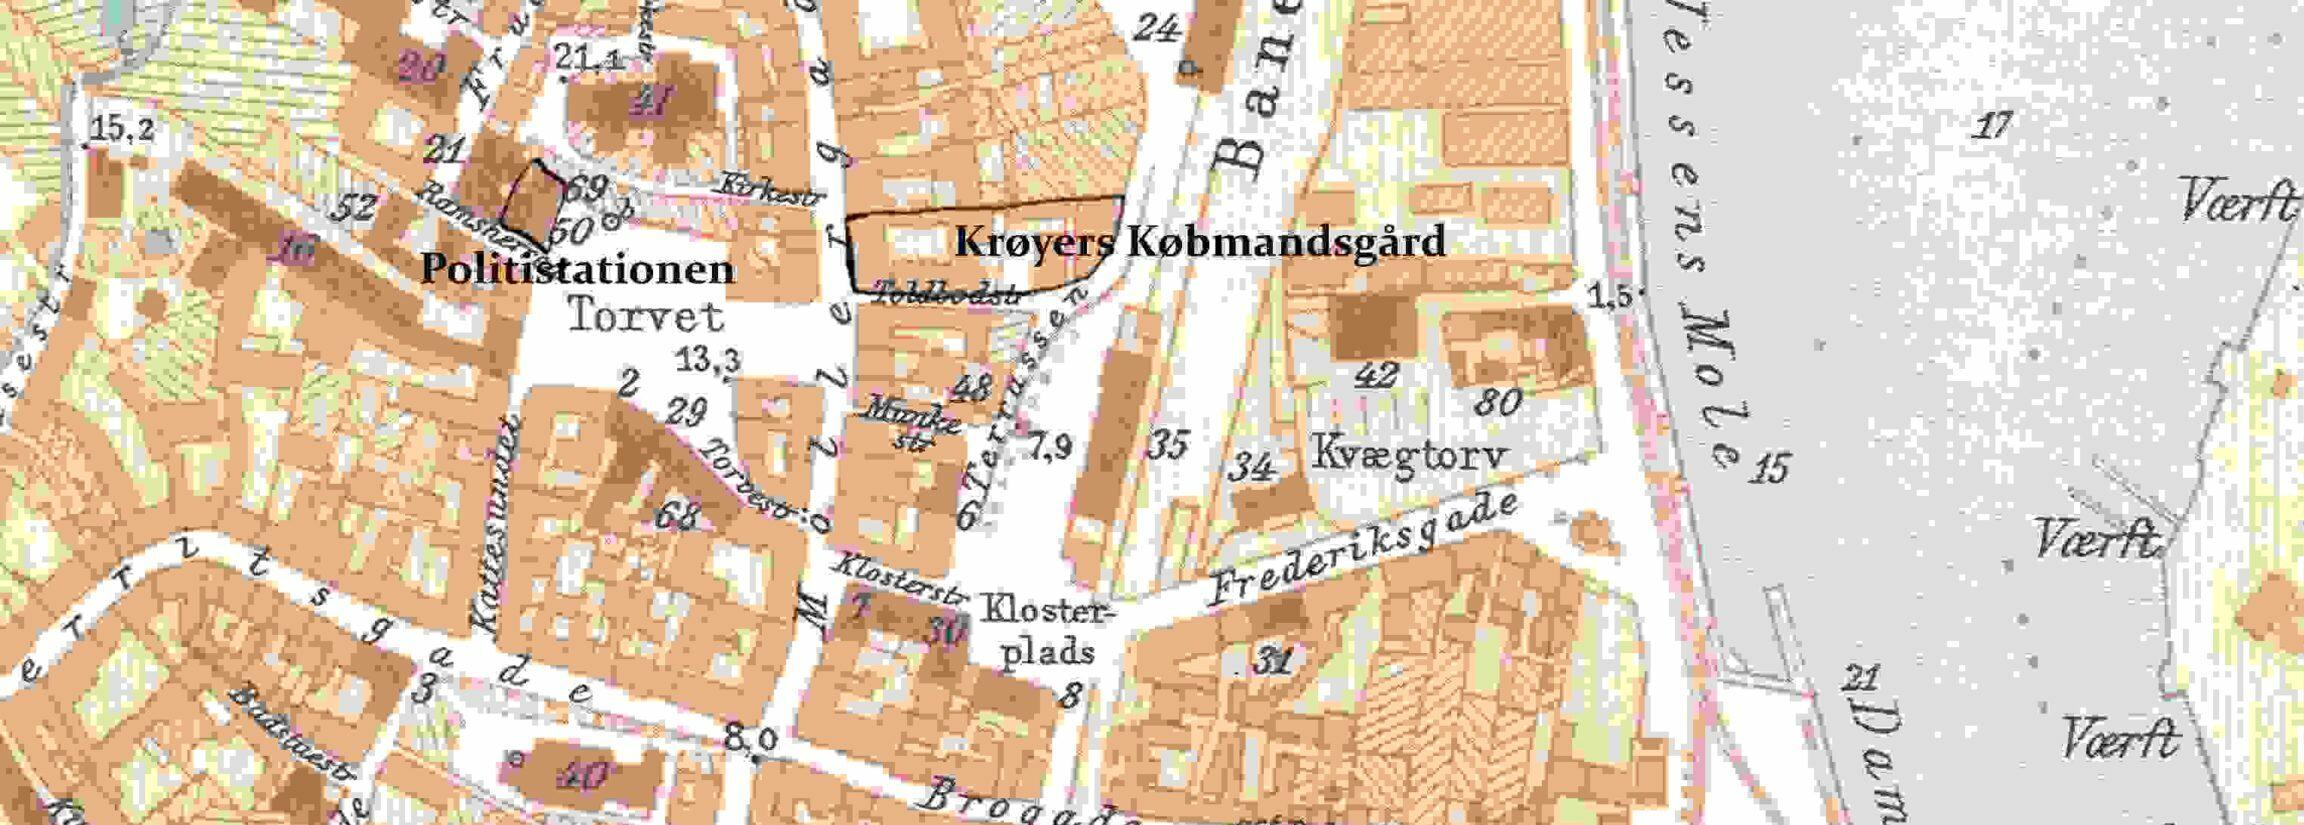 Bykort svendborg Vandre